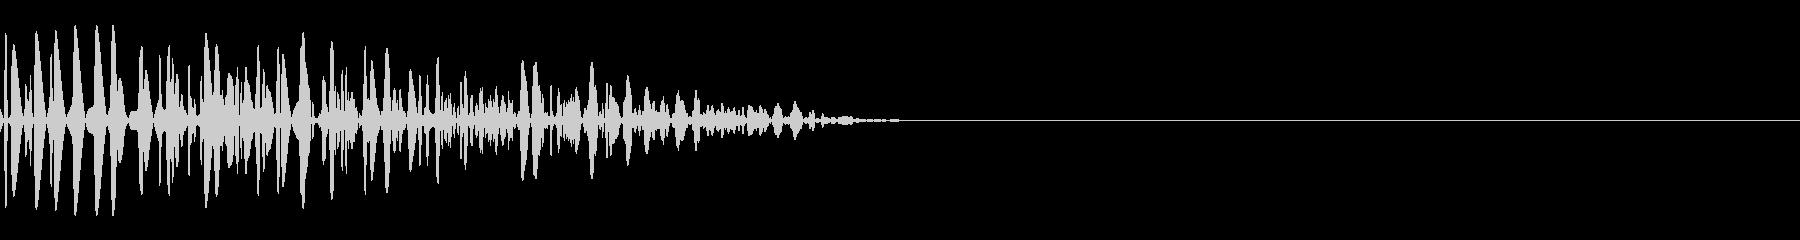 ゴッ(防御/ガード/格闘)の未再生の波形